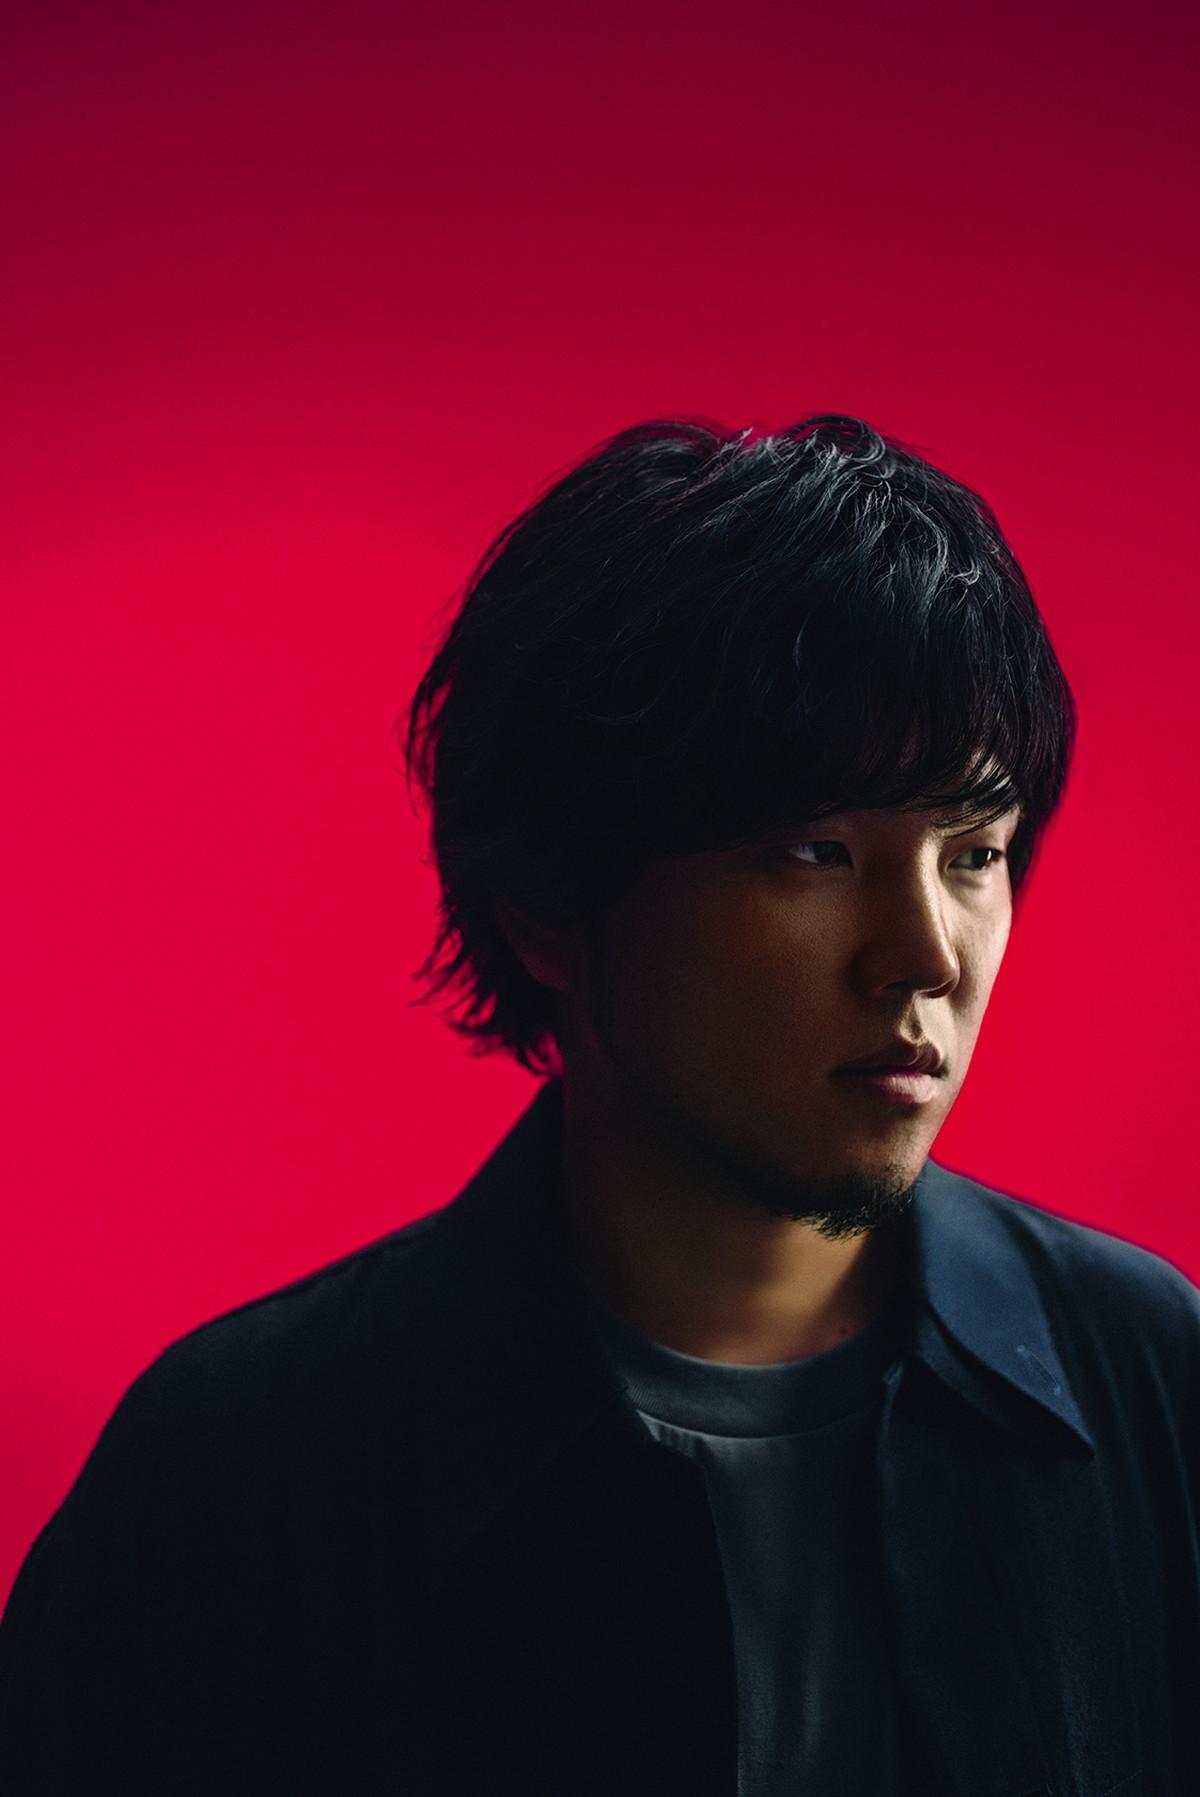 秦 基博、新曲『Raspberry Lover』がランクイン! 先週から特大ジャンプアップ【最新チャート】